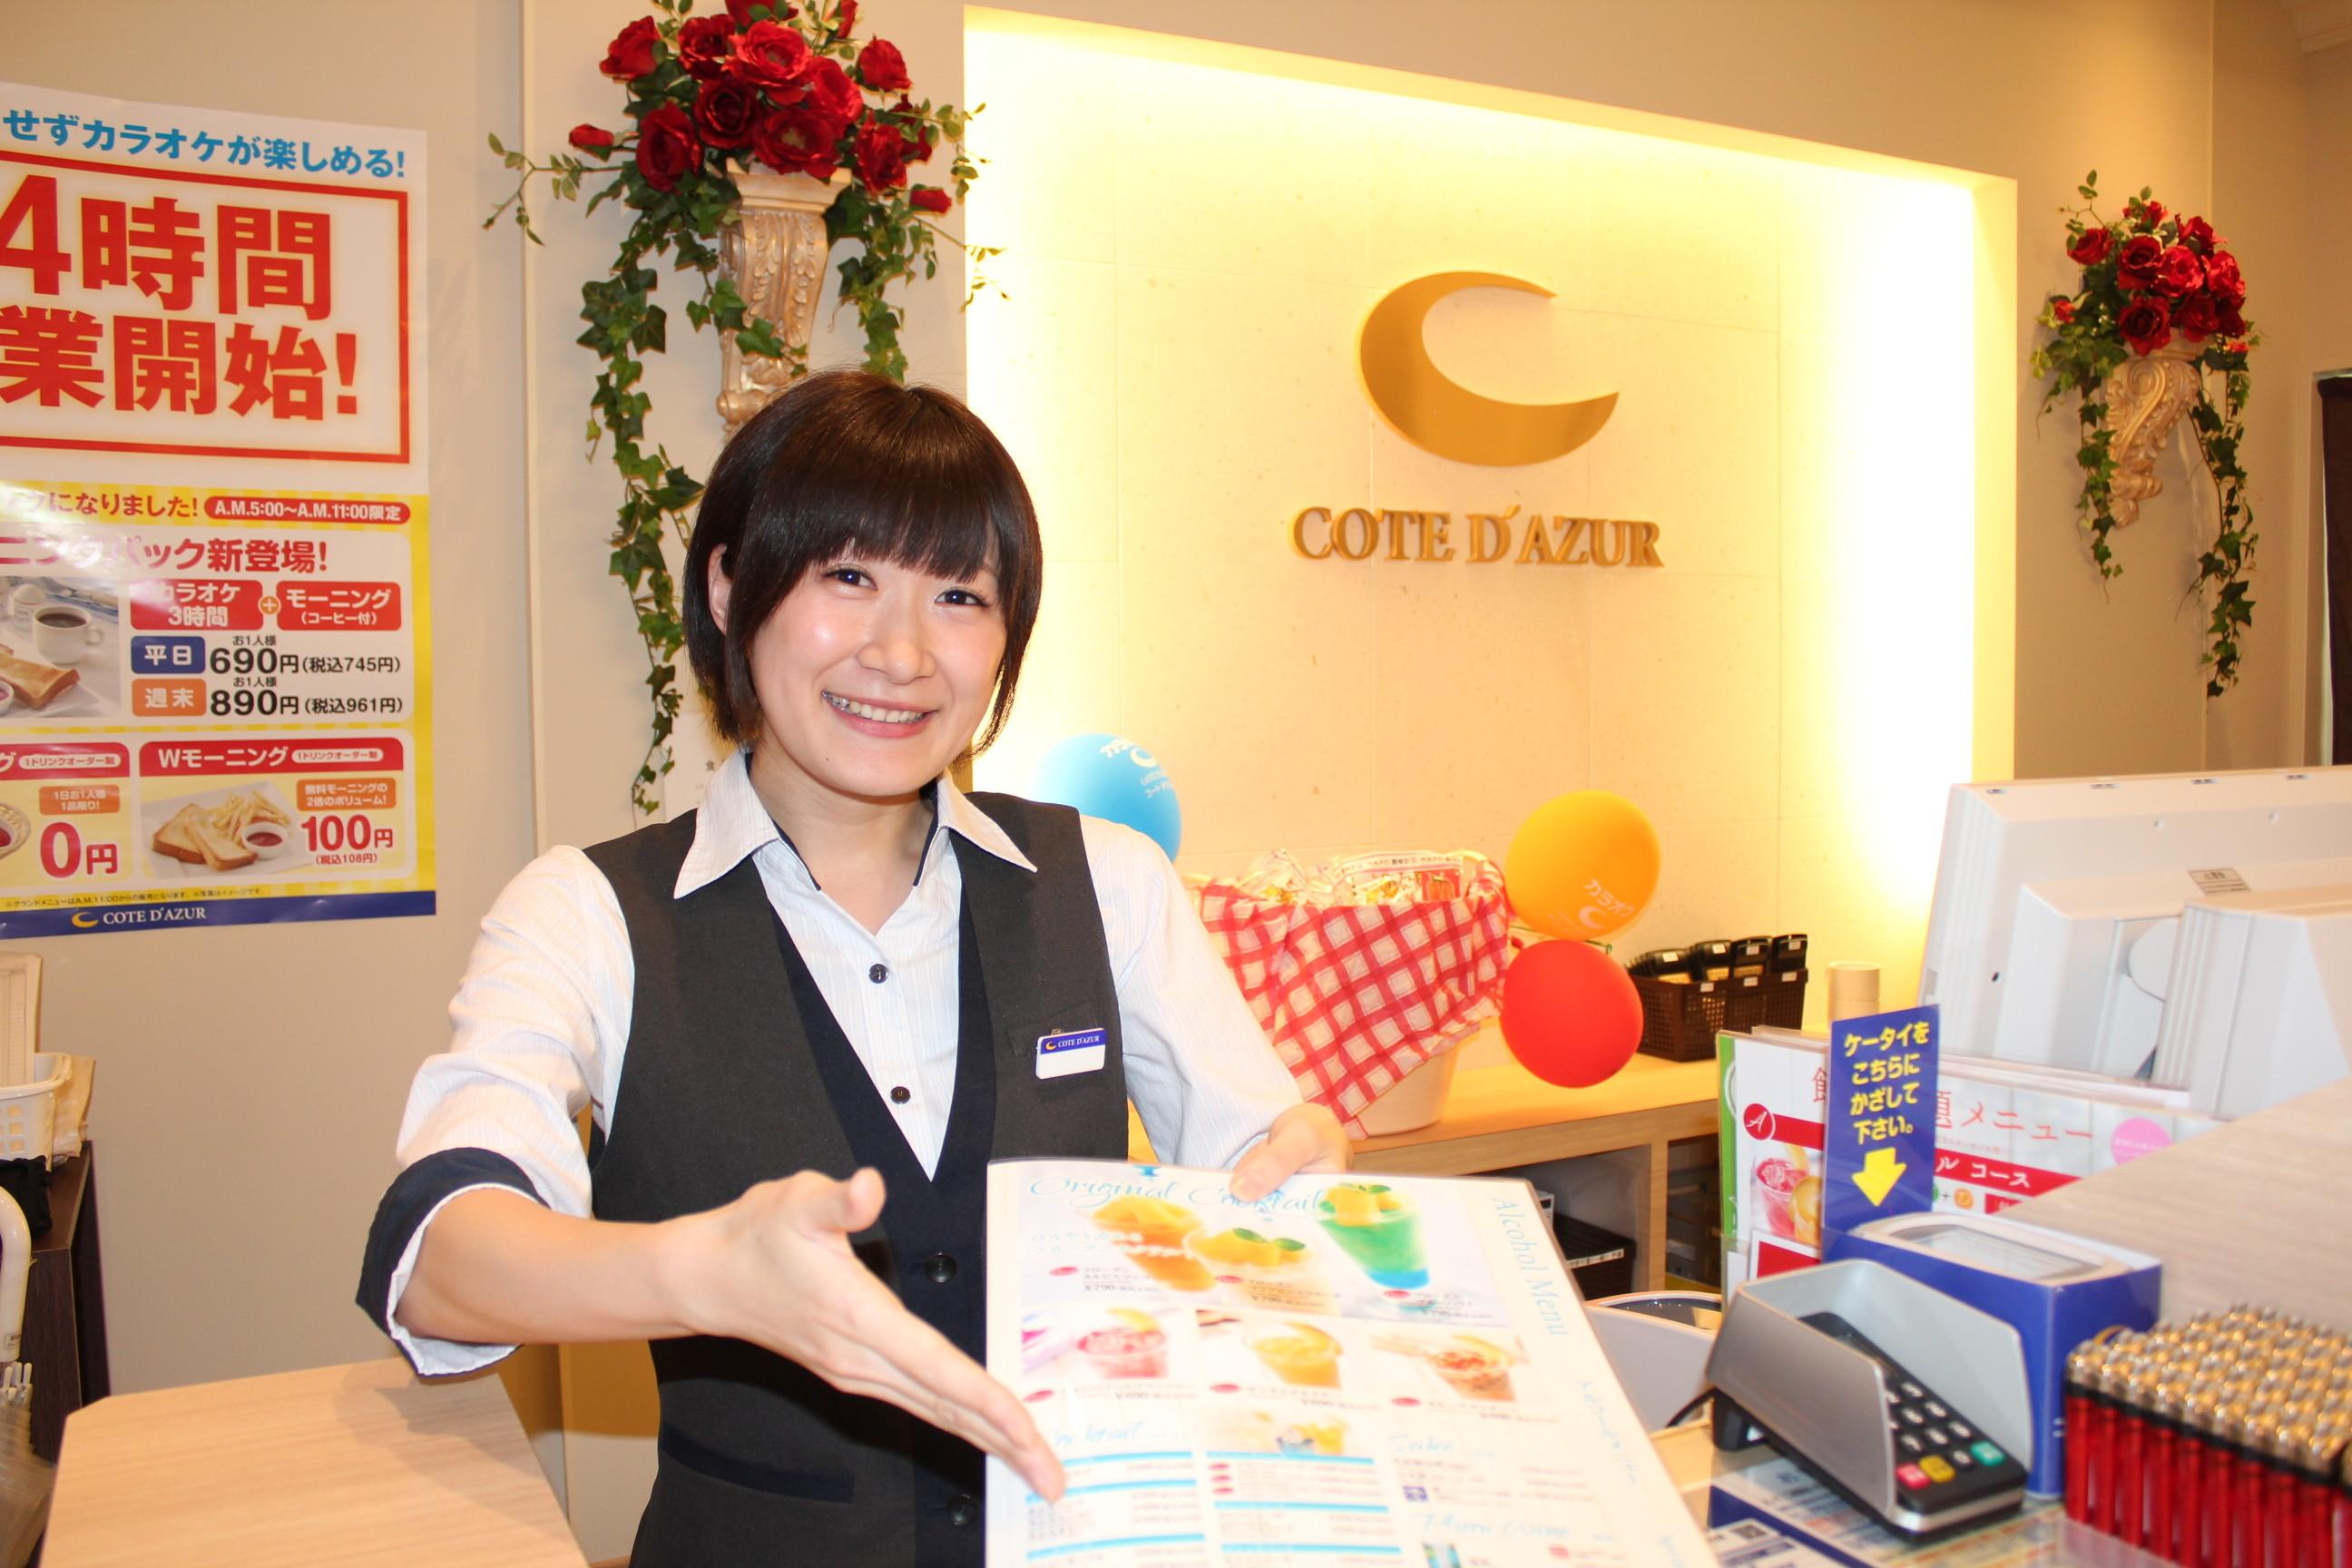 コート・ダジュール 大津膳所店 のアルバイト情報